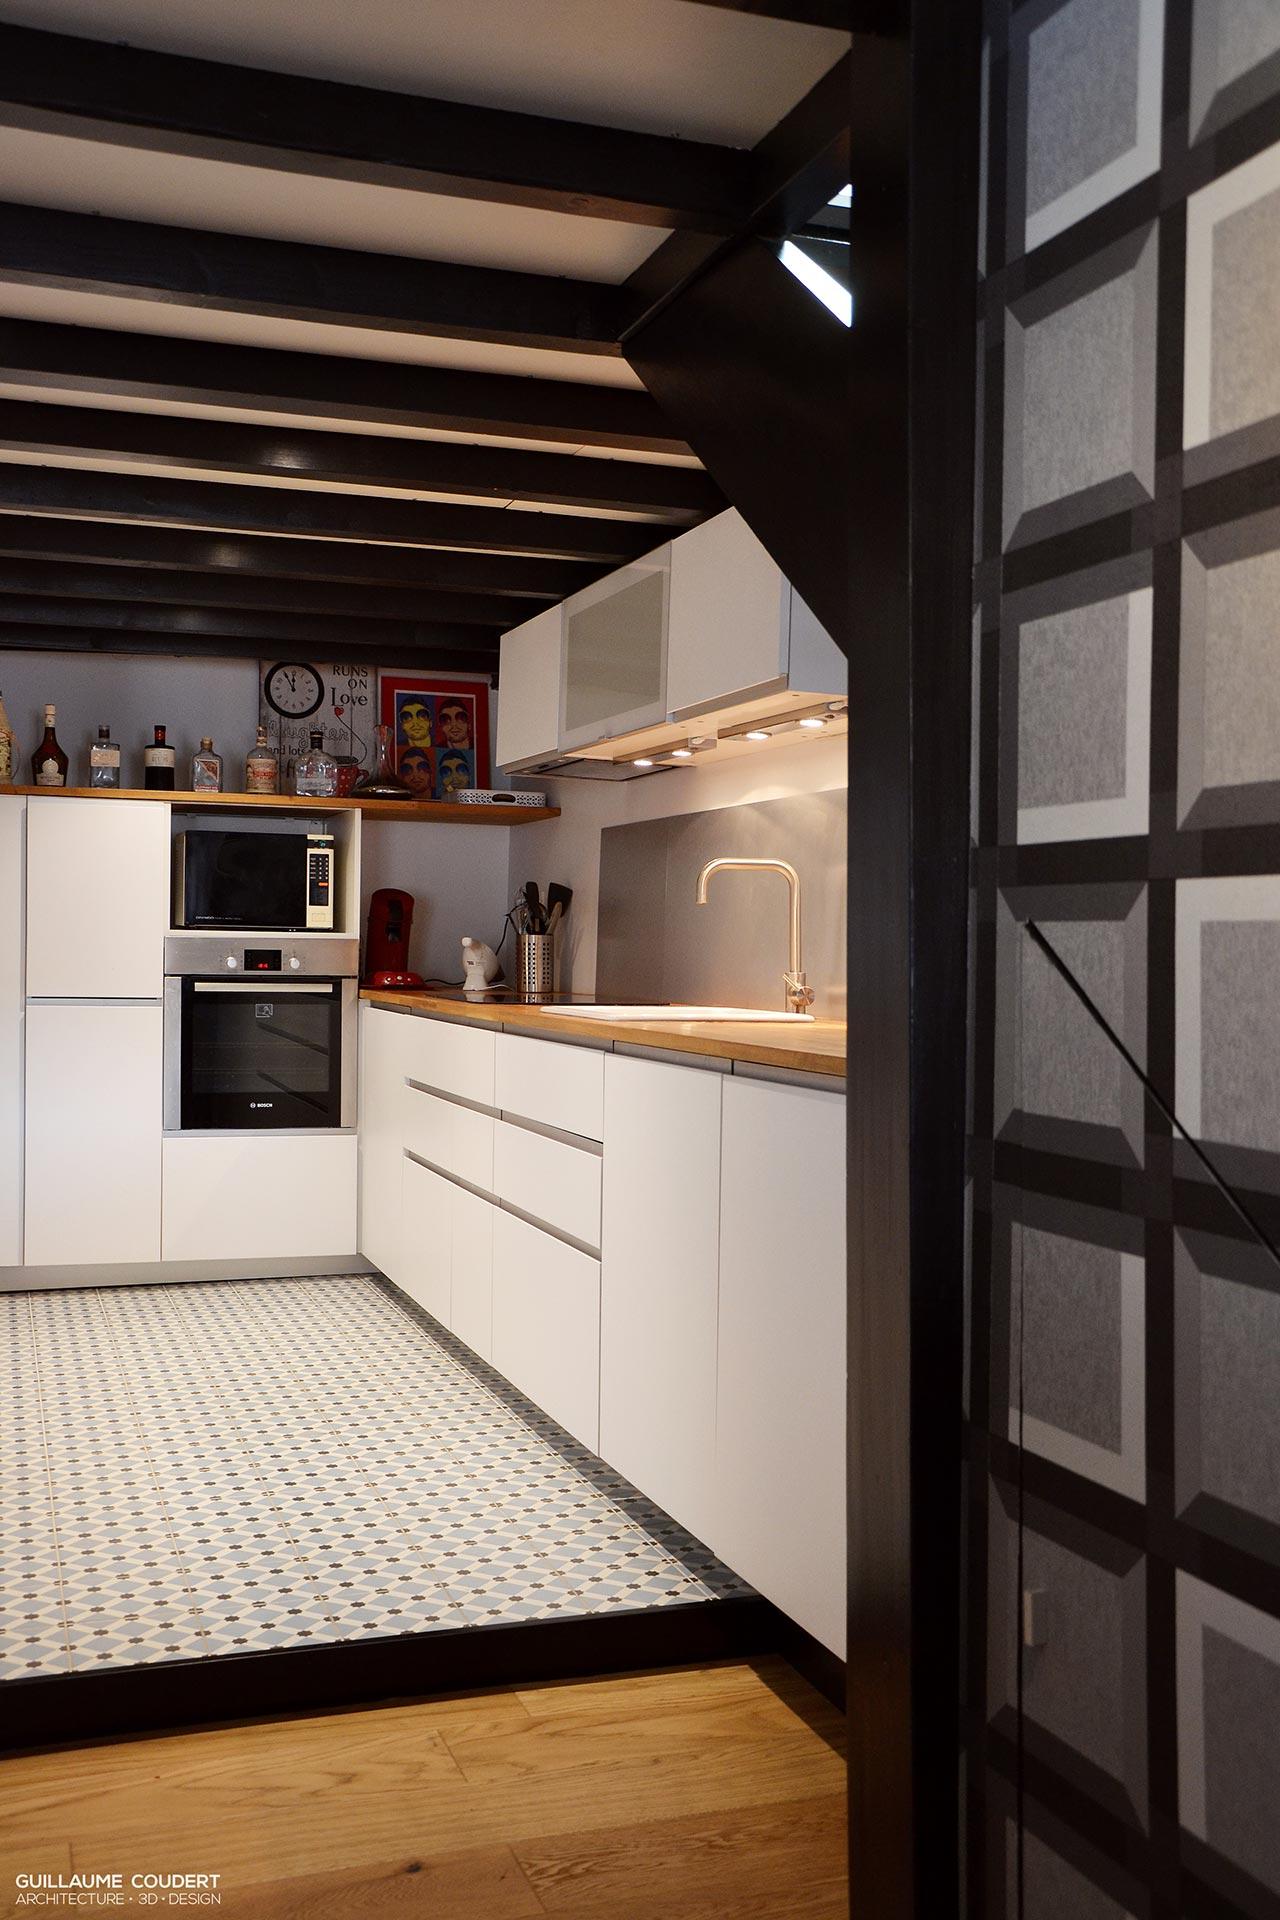 Appartement sar01 macon 71000 guillaume coudert - Cuisine sur mesure paris ...